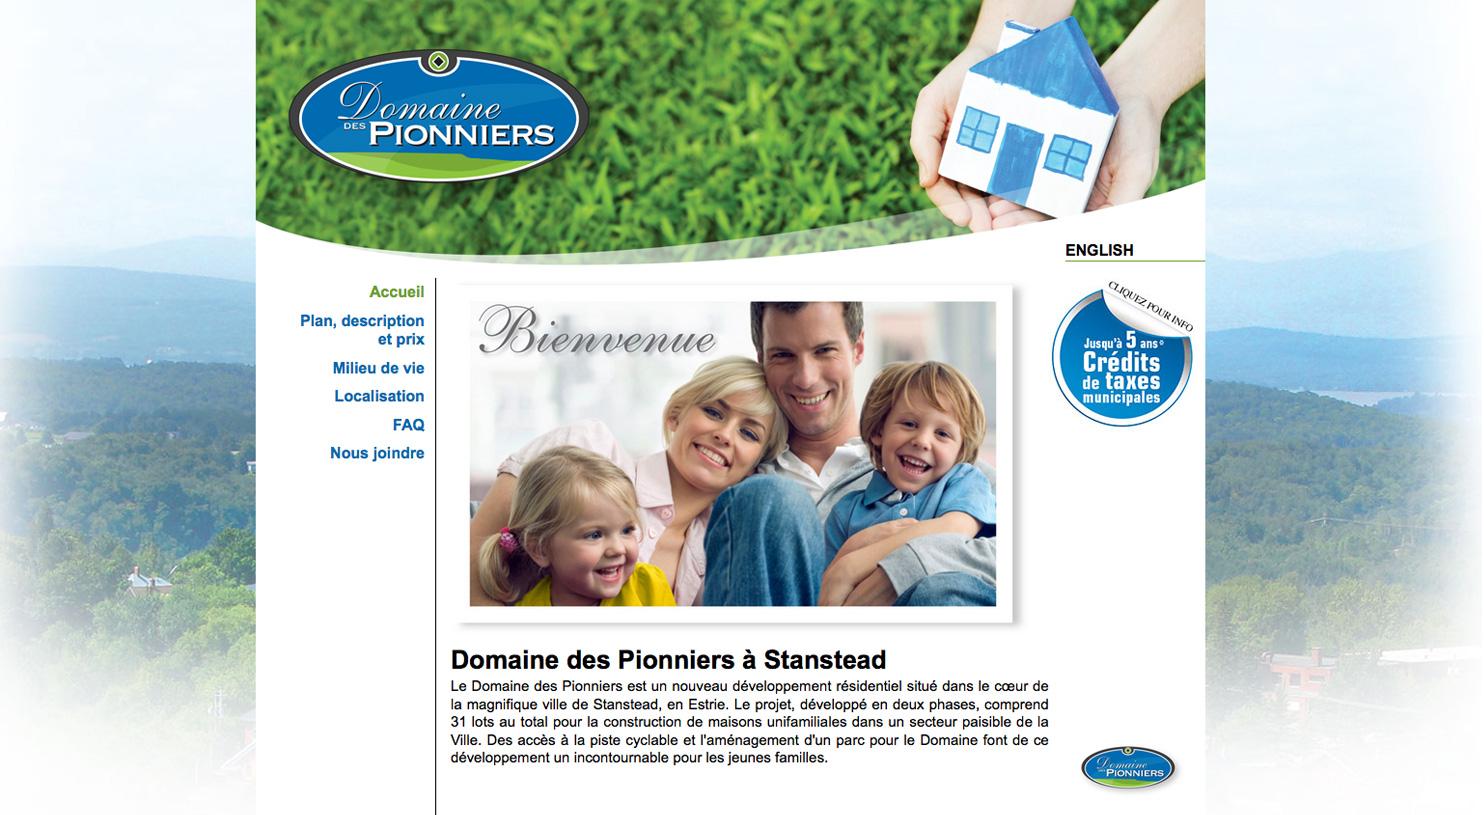 Domaine des Pionniers site web